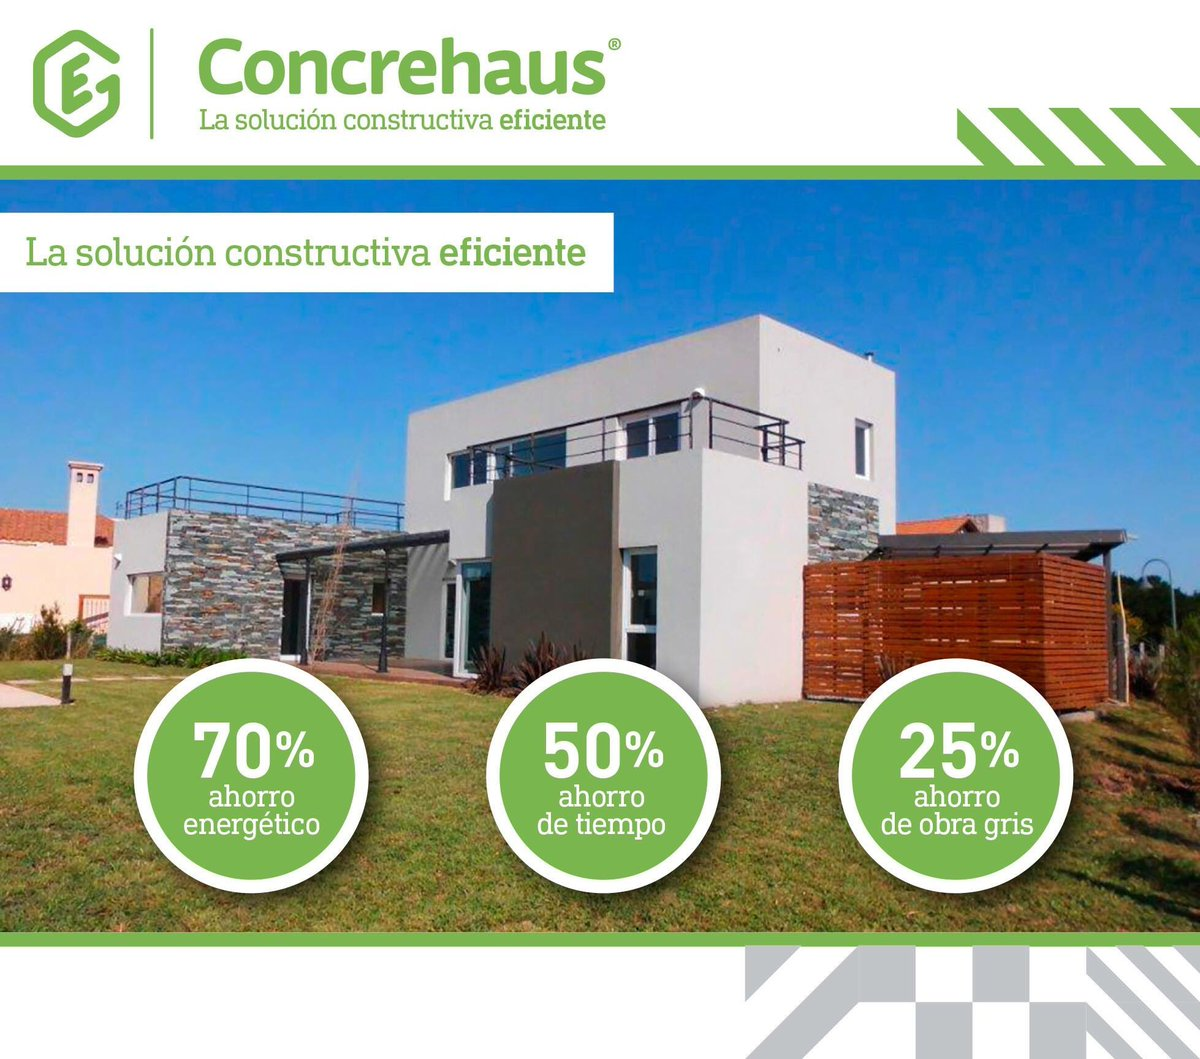 Concrehaus Sistema de Construccion